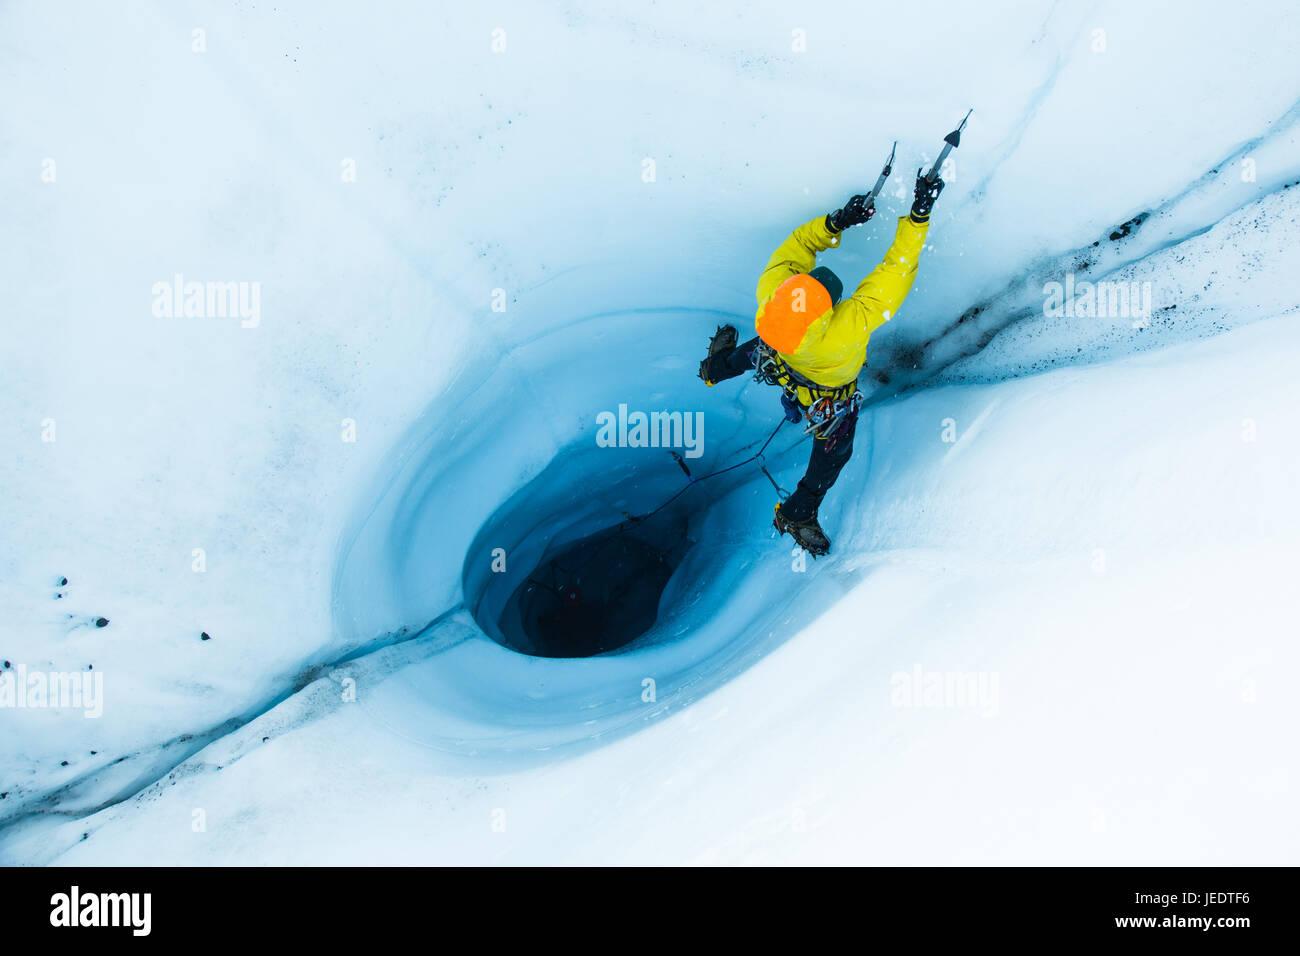 Un uomo portare arrampicata su ghiaccio al di fuori di un grande moulin o buco nel ghiaccio del ghiacciaio Matanuska Foto Stock